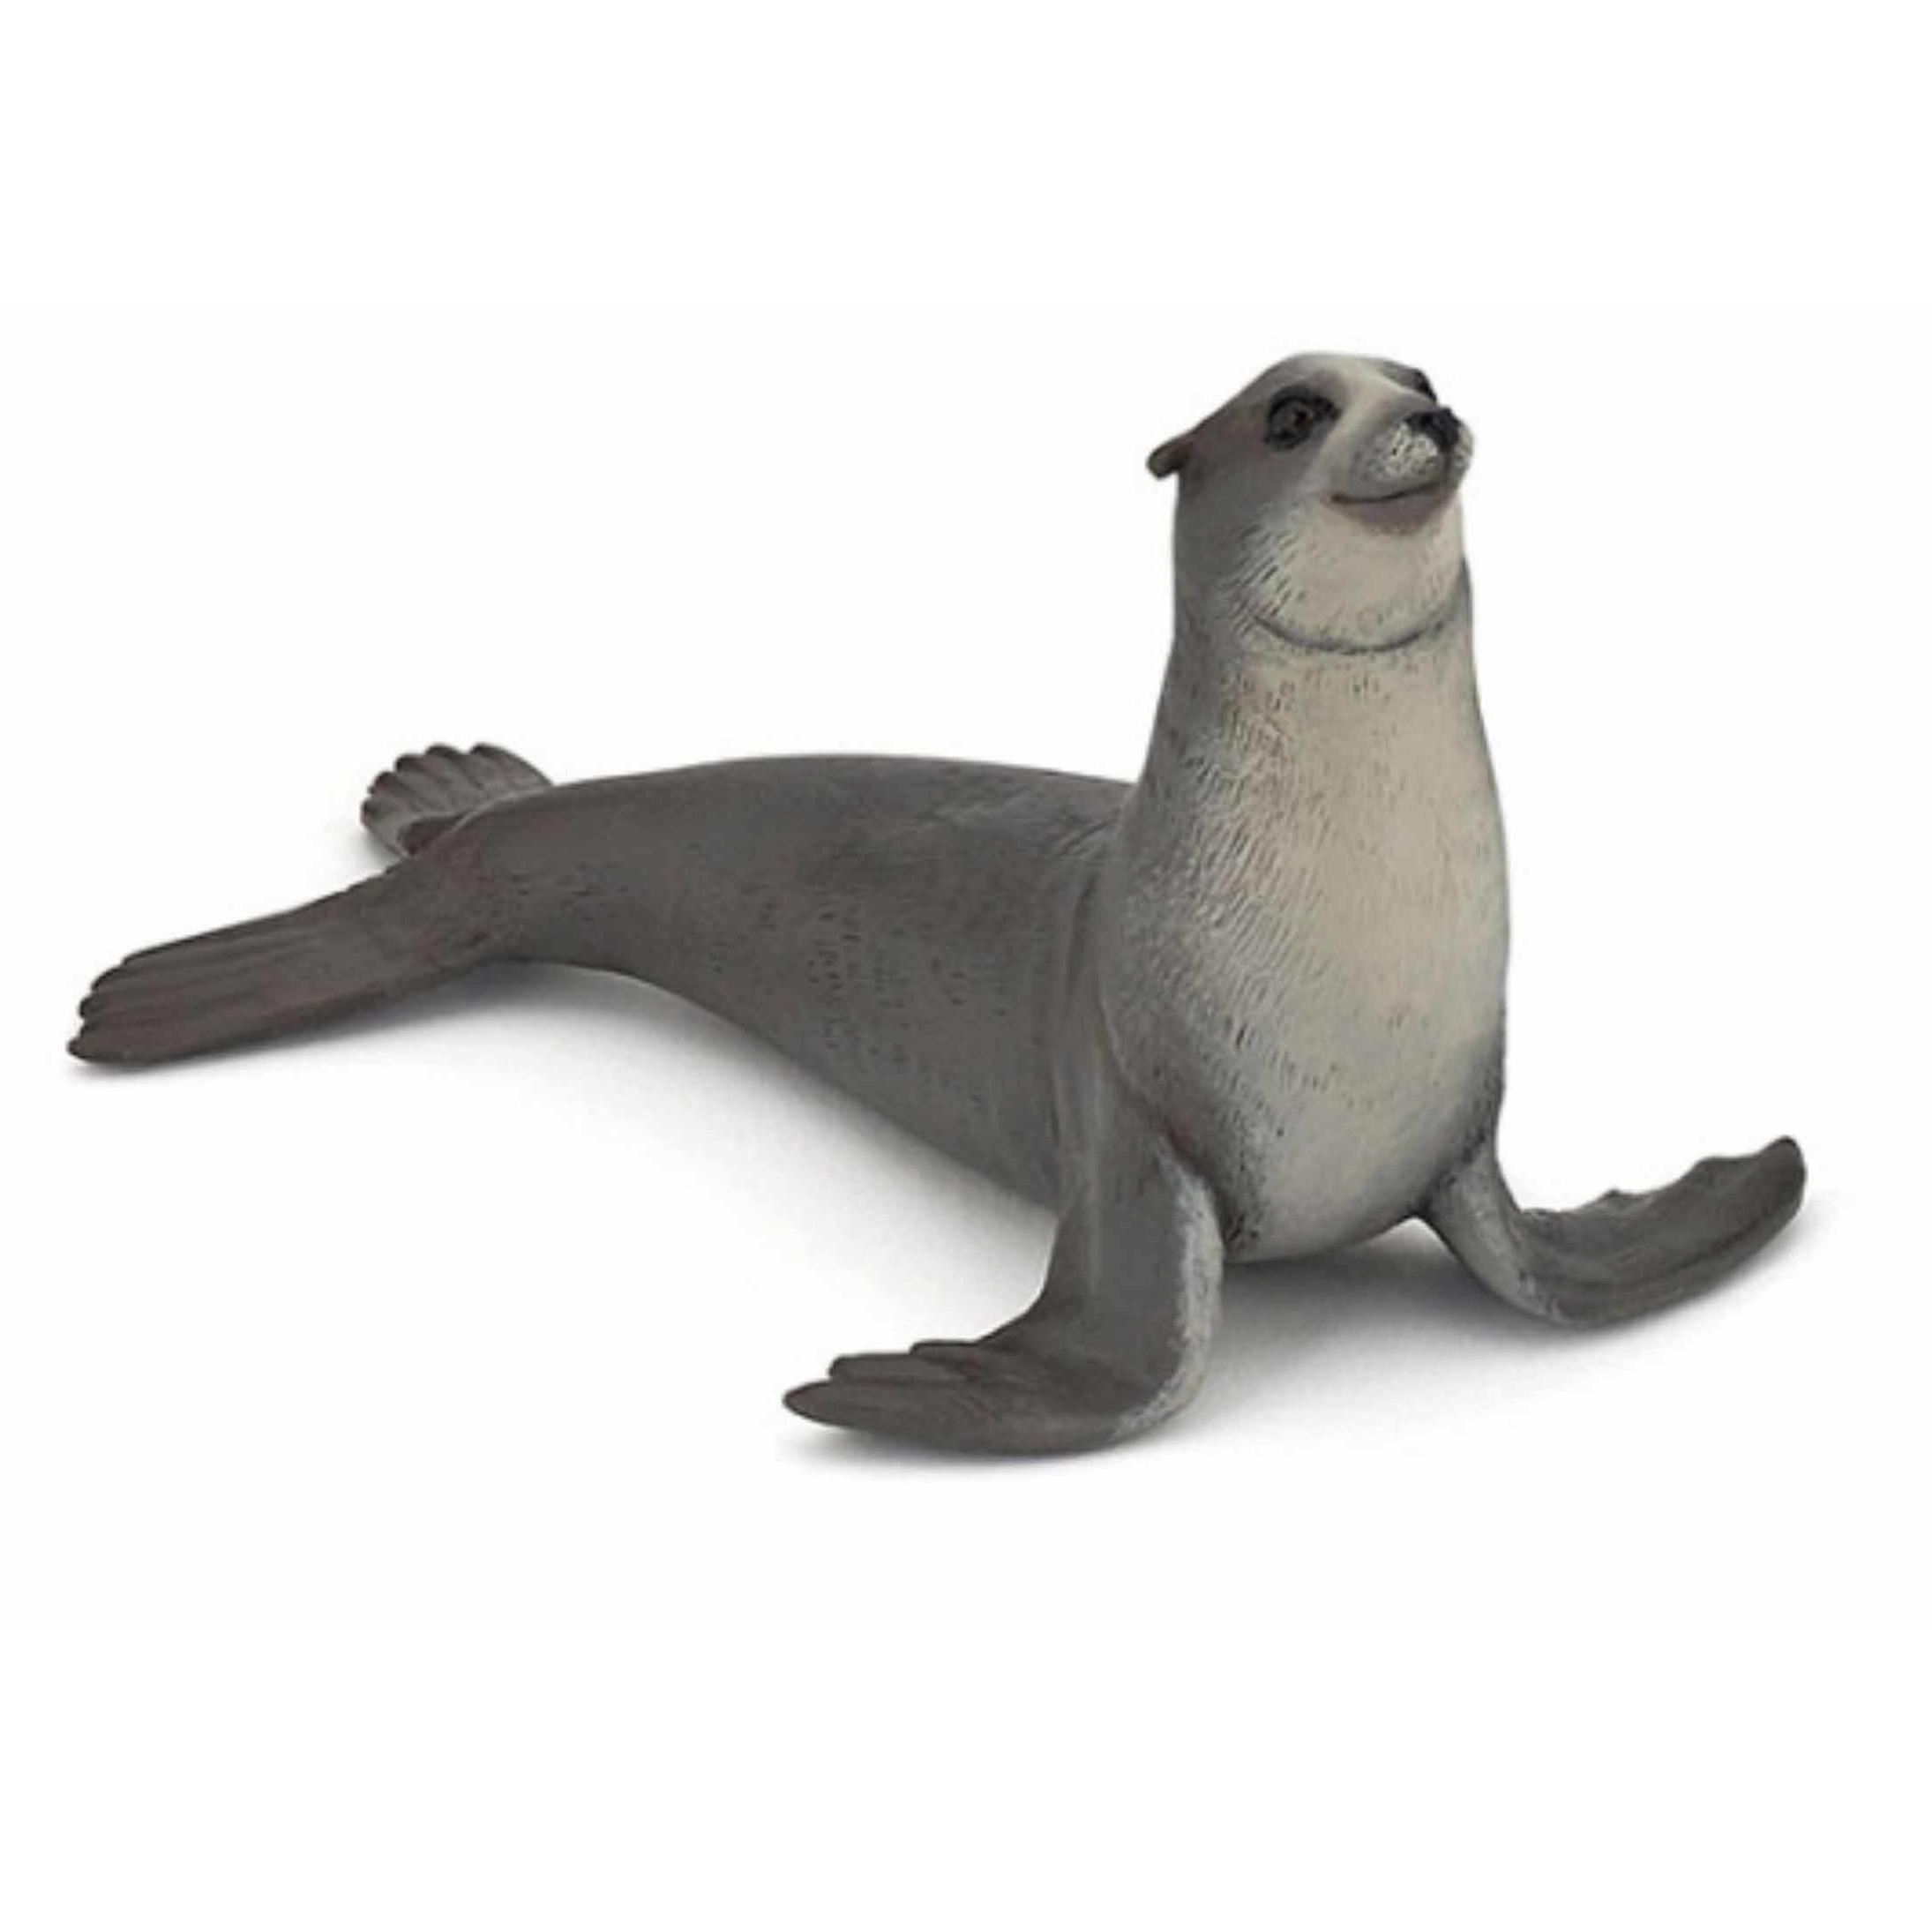 Plastic speelgoed figuur zeeleeuw 12 cm